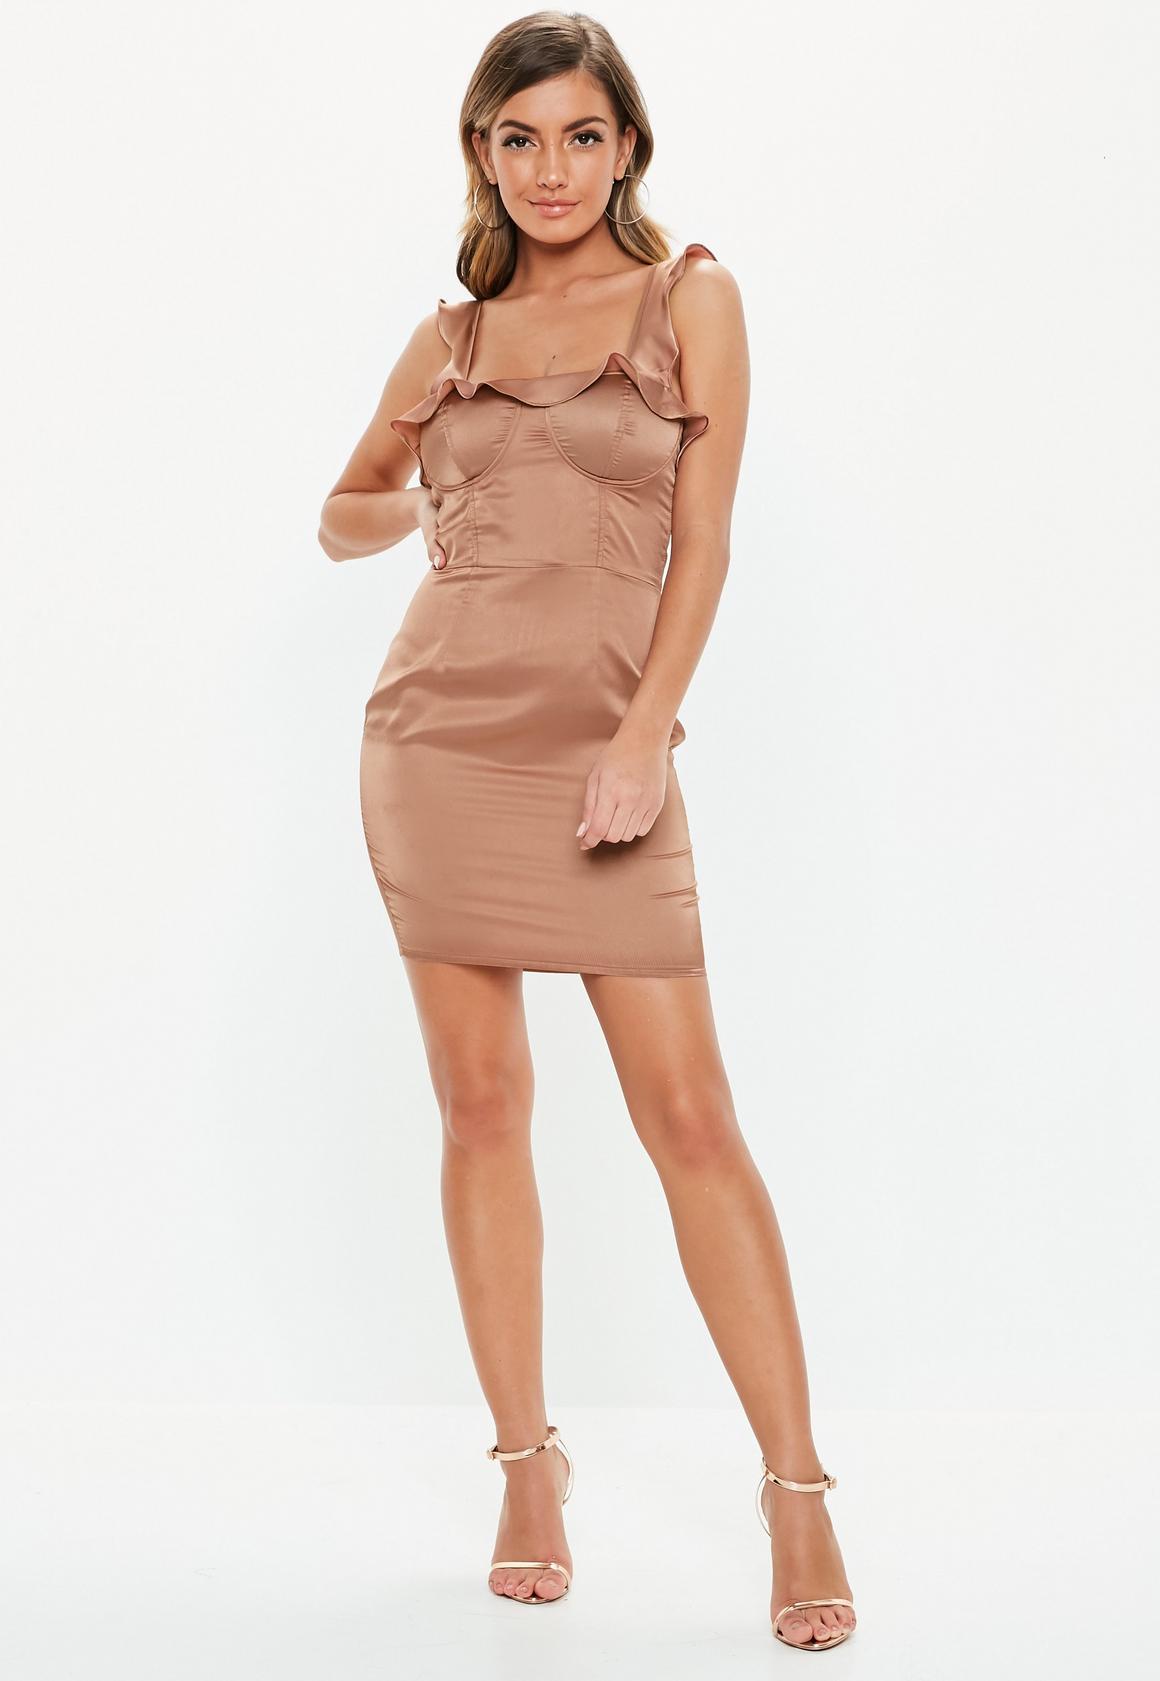 Missguided - robe courte en satin  à volants - 2